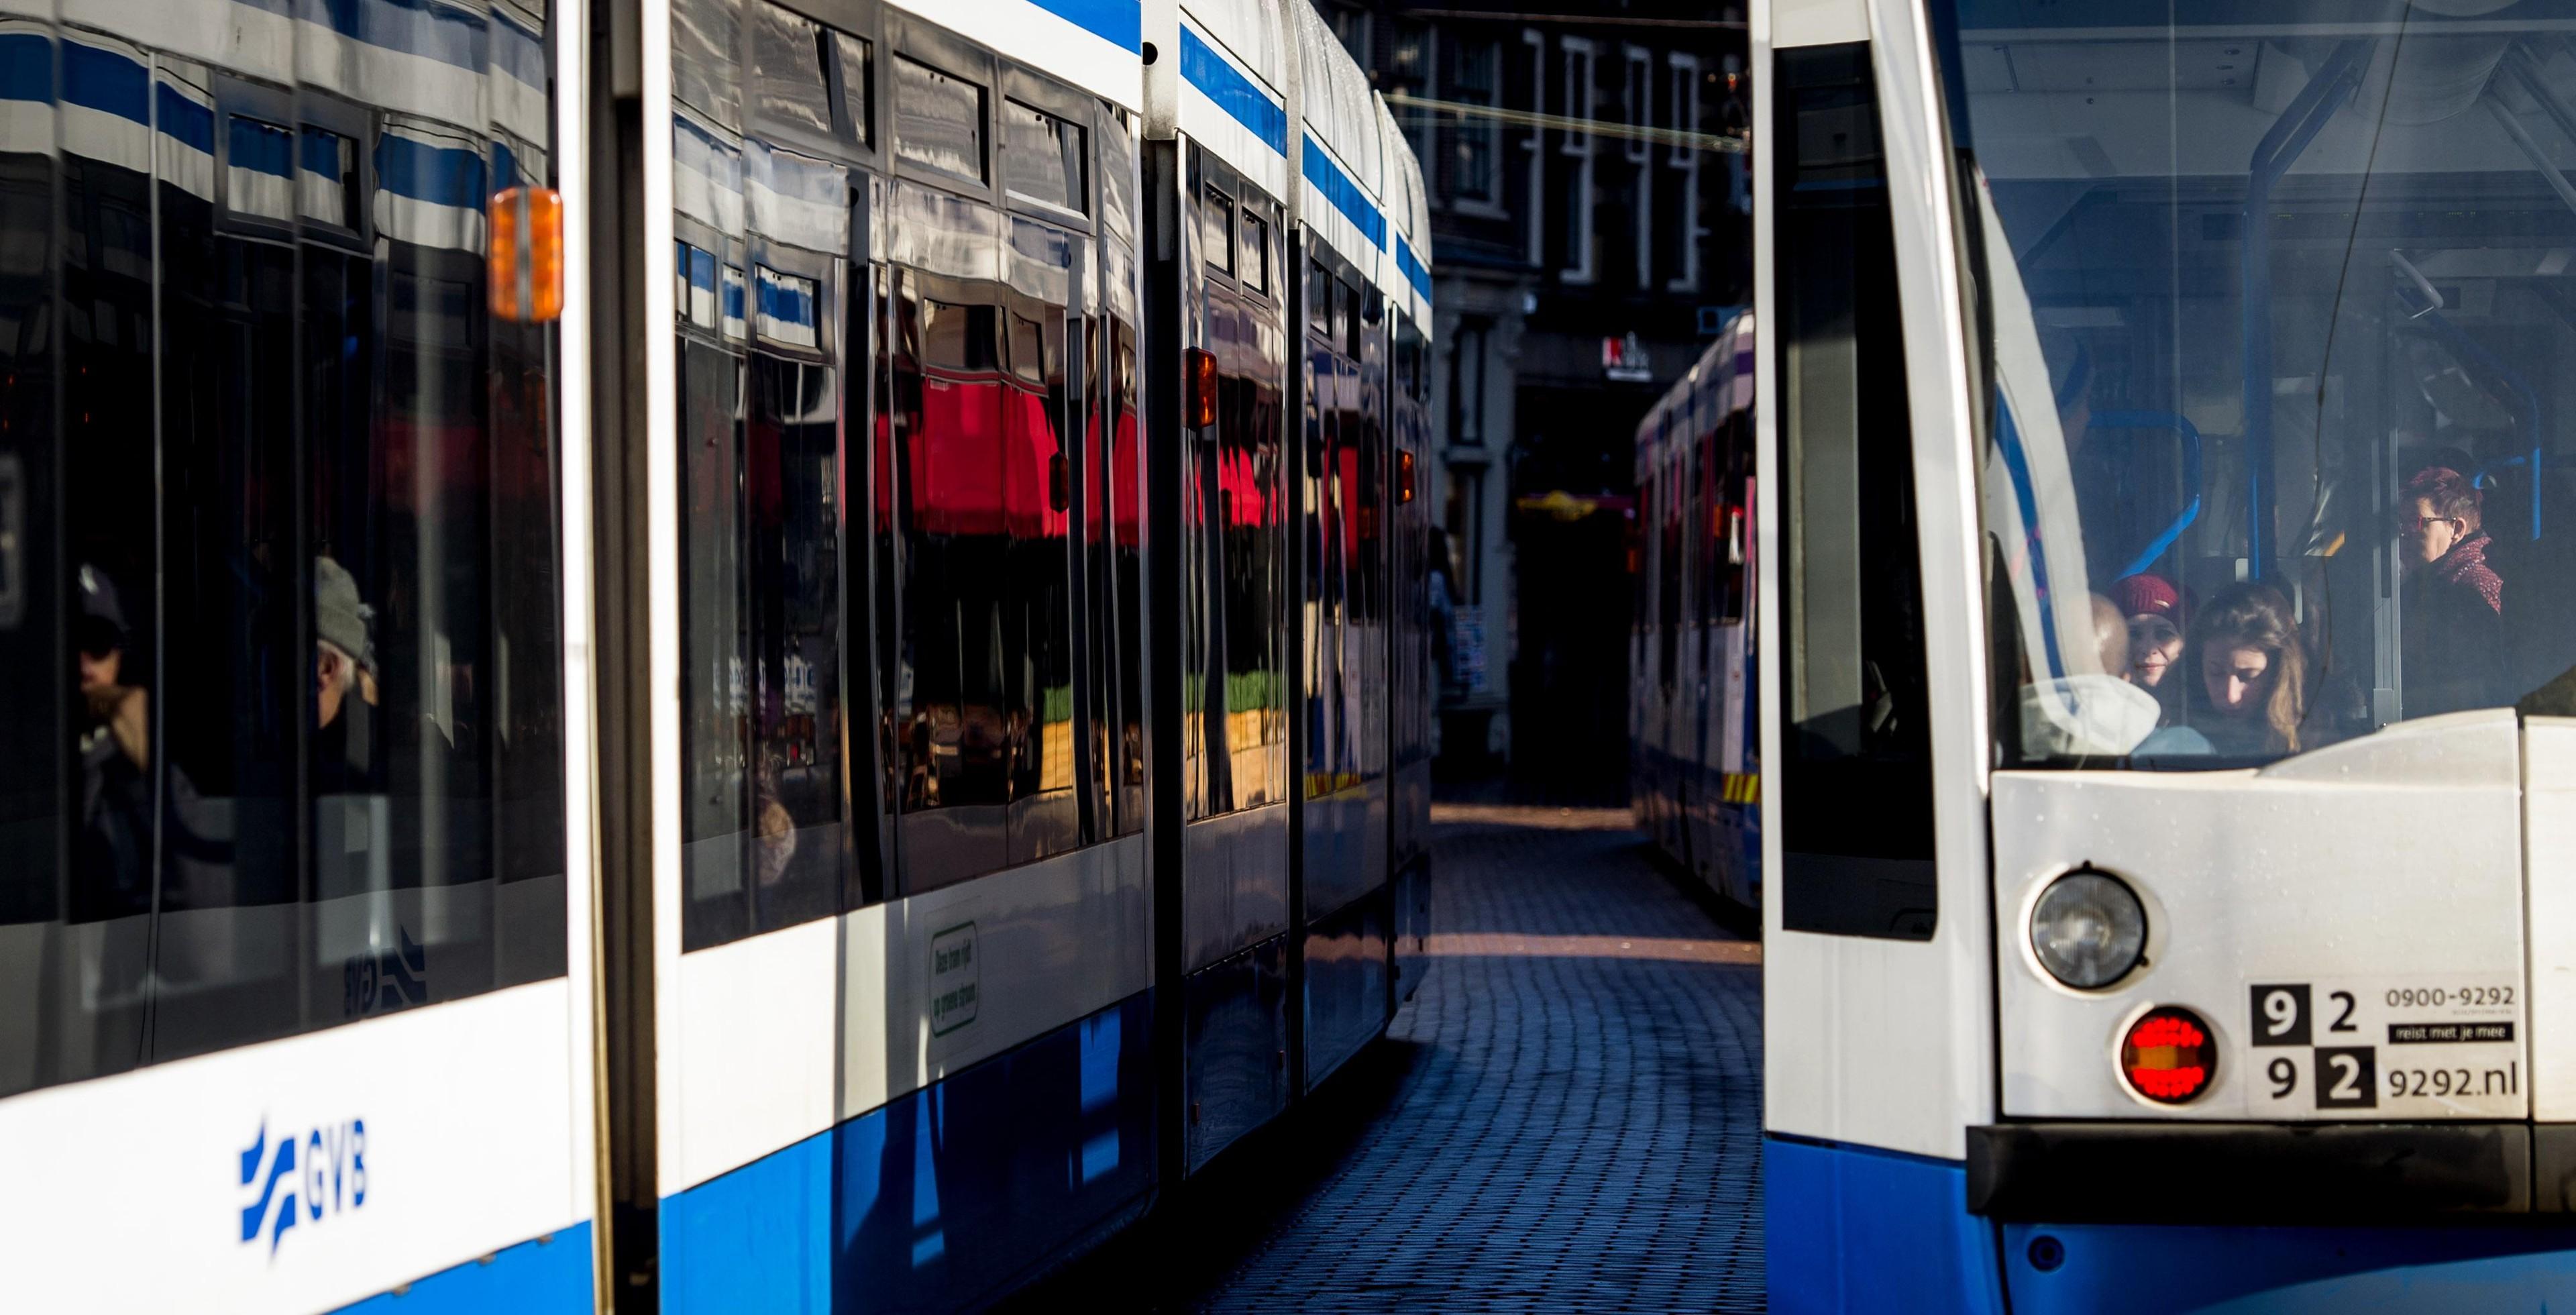 Speeddaten in de tram, kris kras door Amsterdam | Het Parool